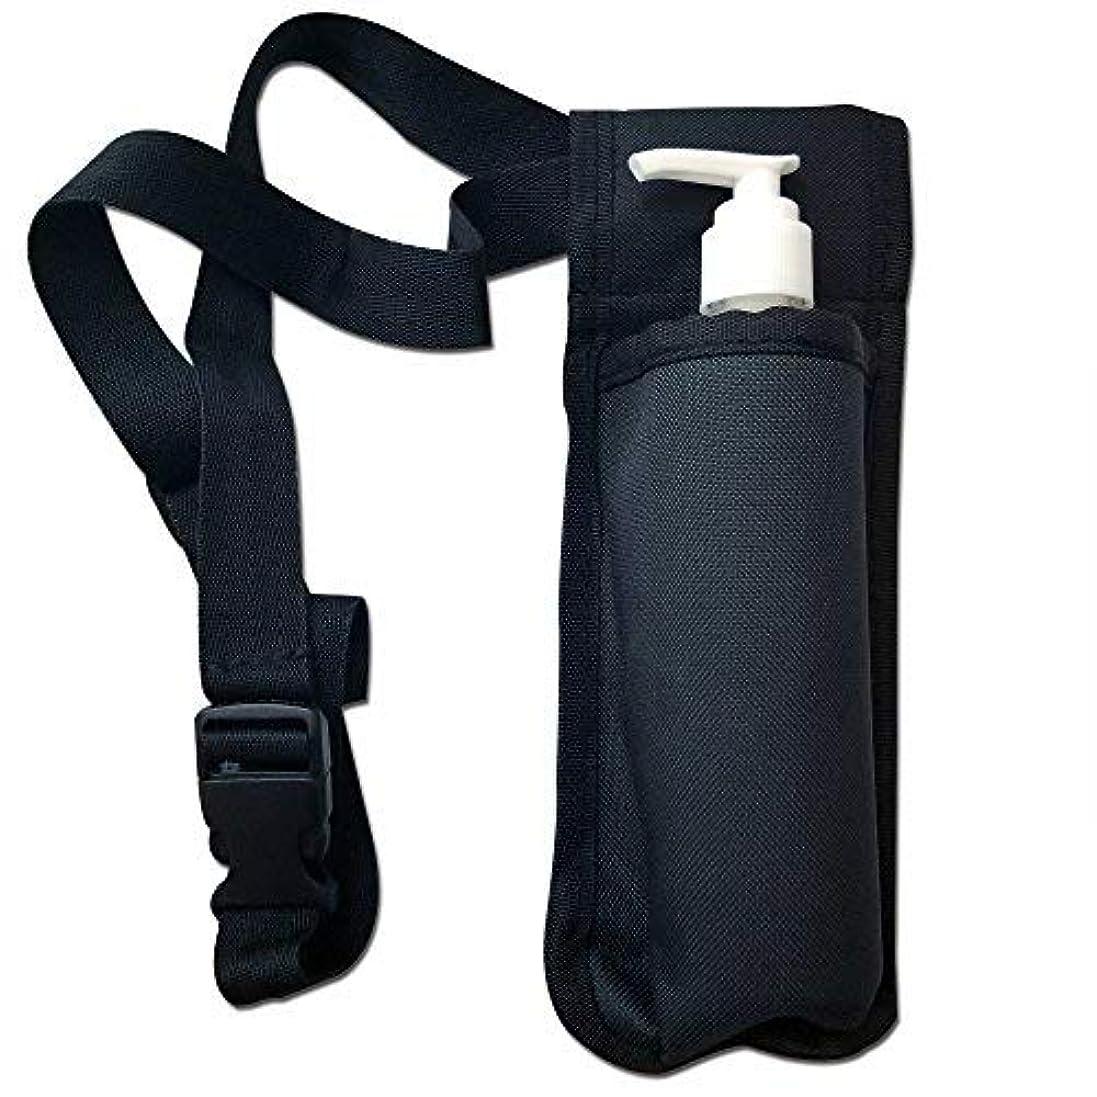 意志かもしれない混乱させるTOA Single Bottle Holster Adjustable Strap w/ 6oz Bottle for Massage Oil, Lotion, Cream [並行輸入品]